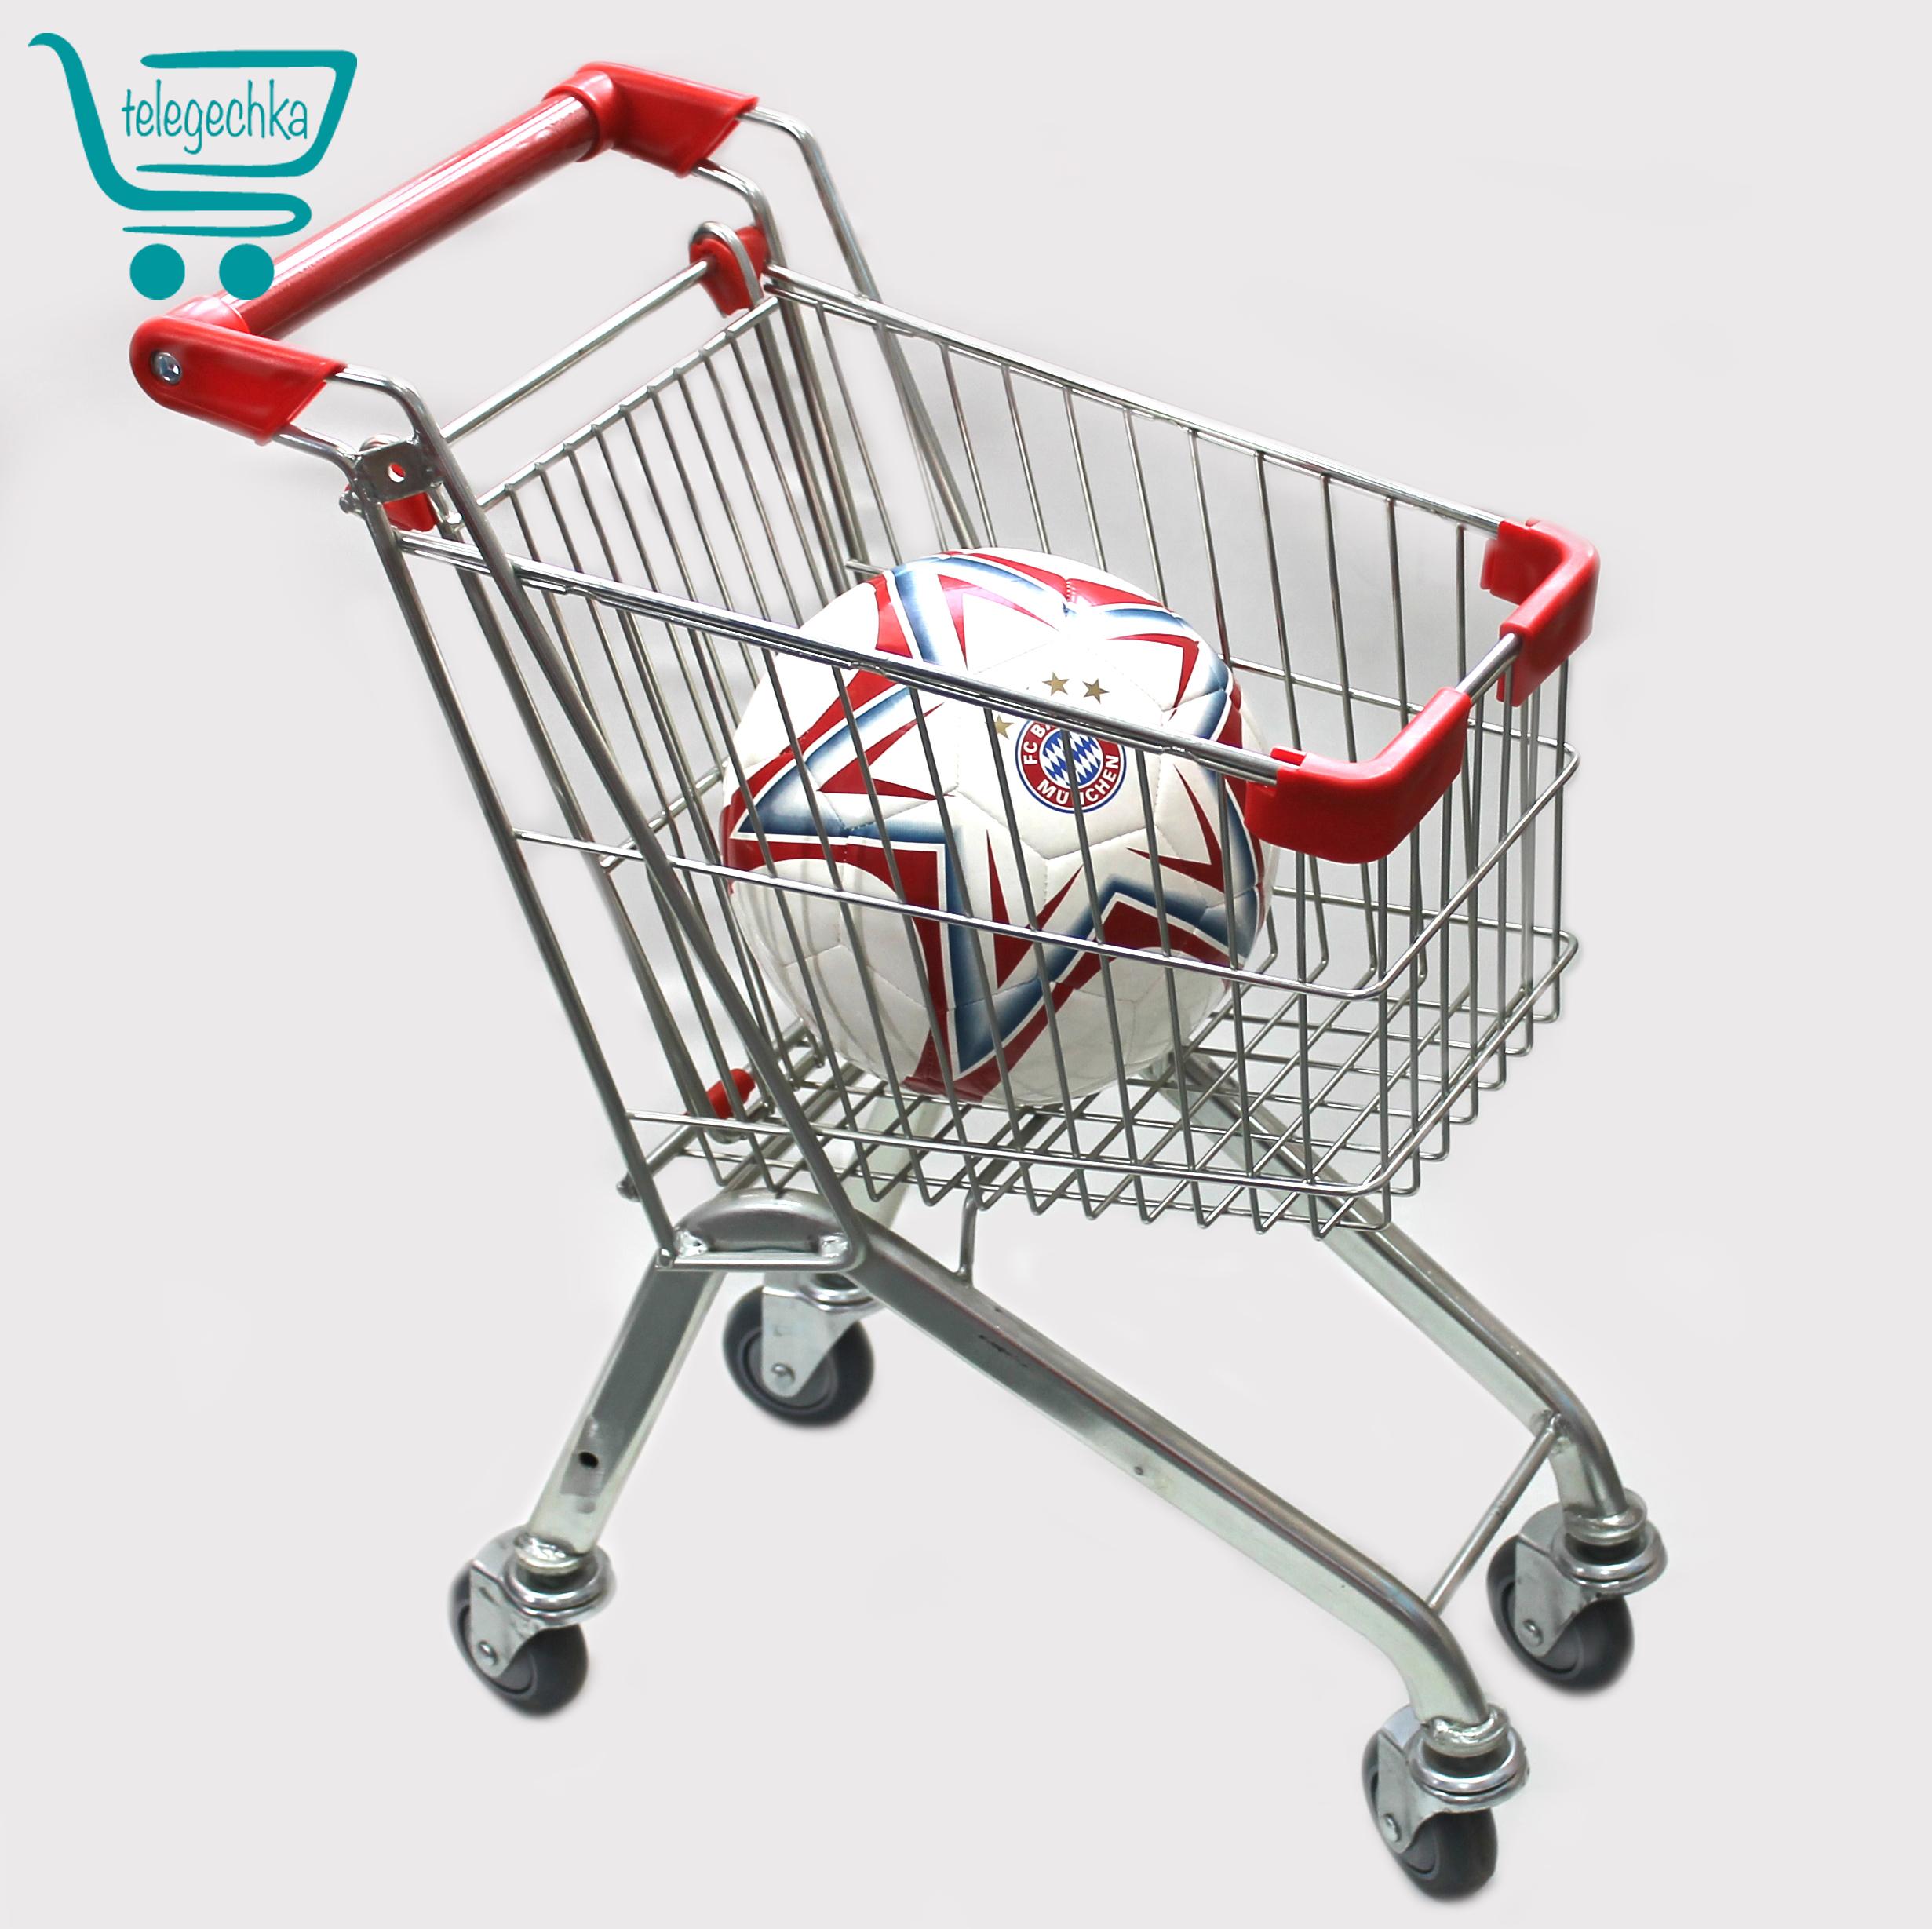 Детская тележка для супермаркета (маленька тележка для ребенка)